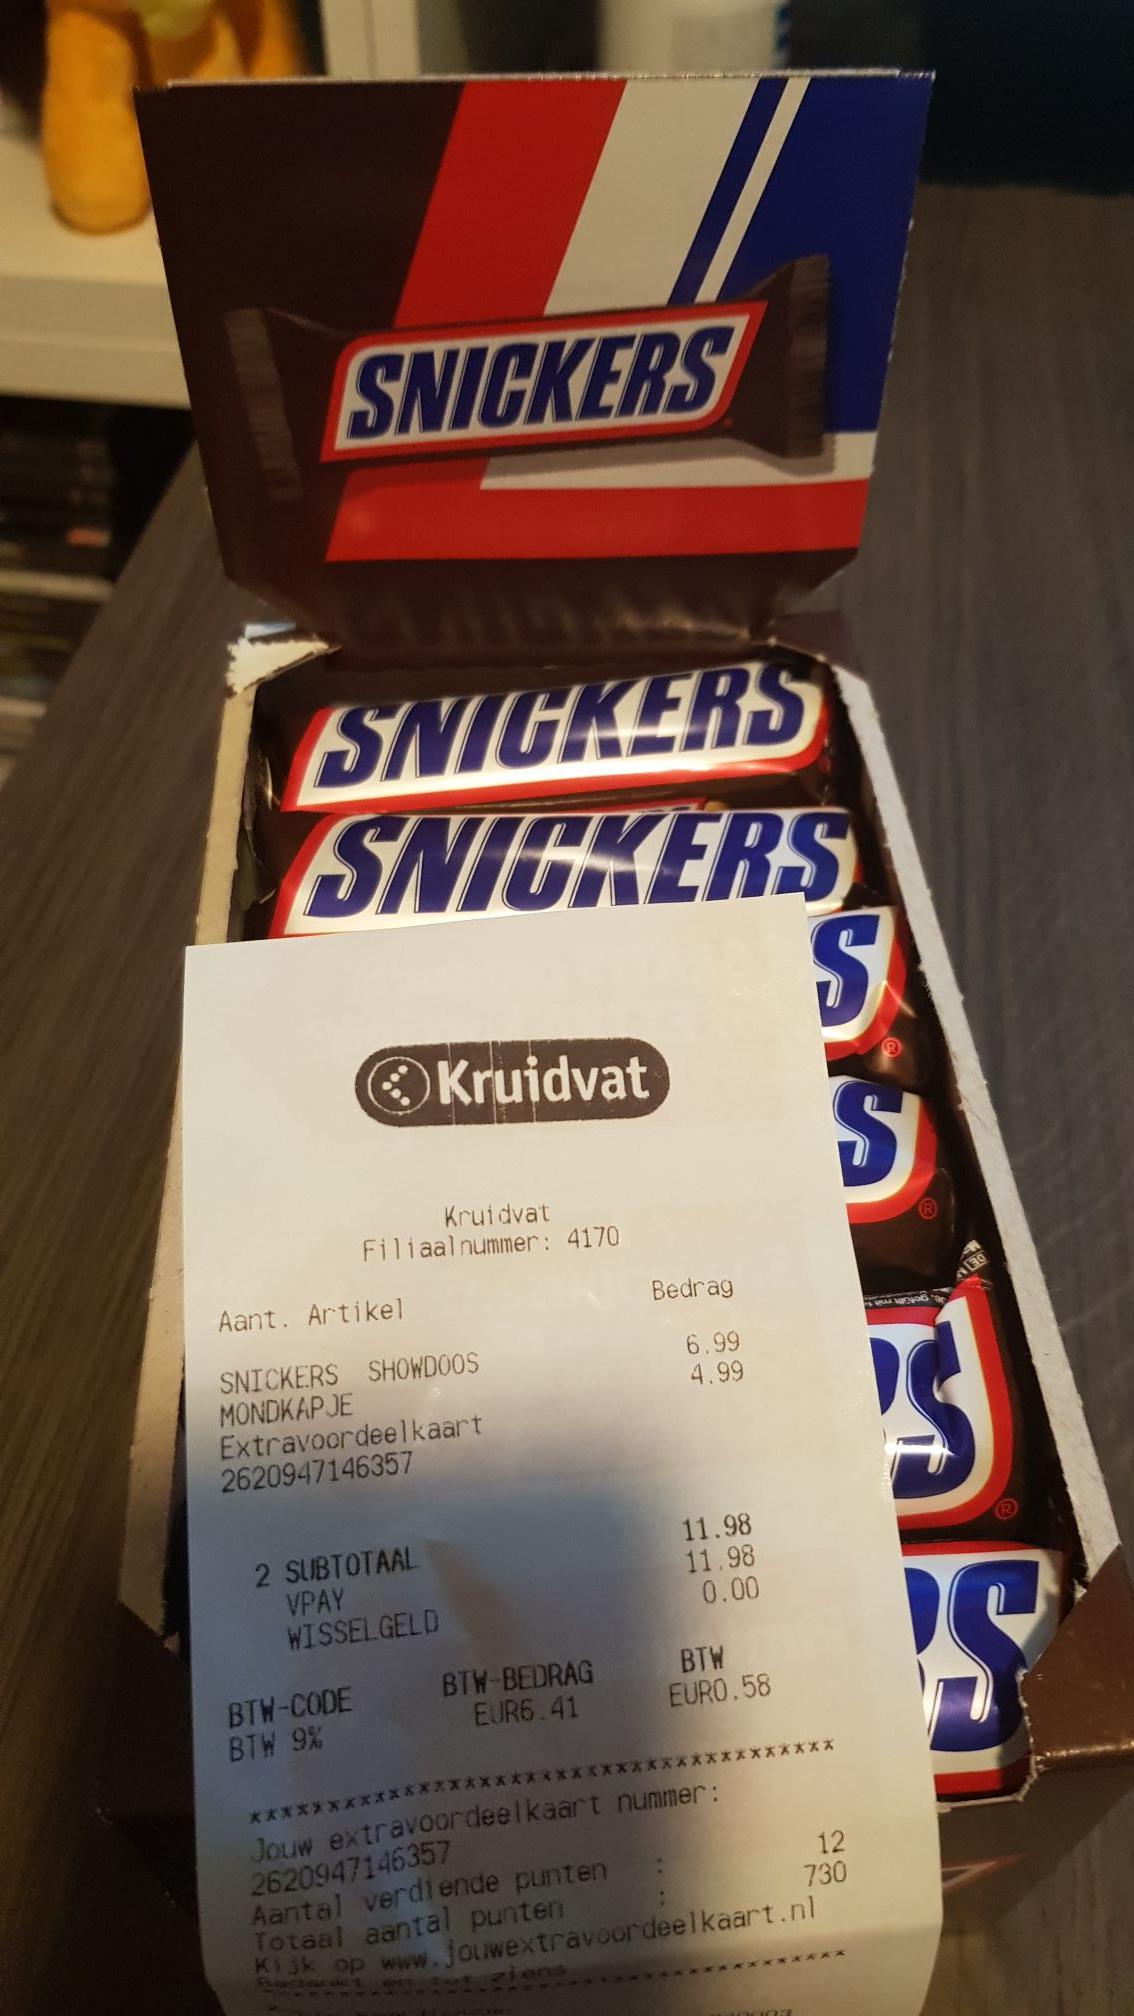 [LOKAAL?] Snickers 24 stuks @ Kruidvat Vught marktveld